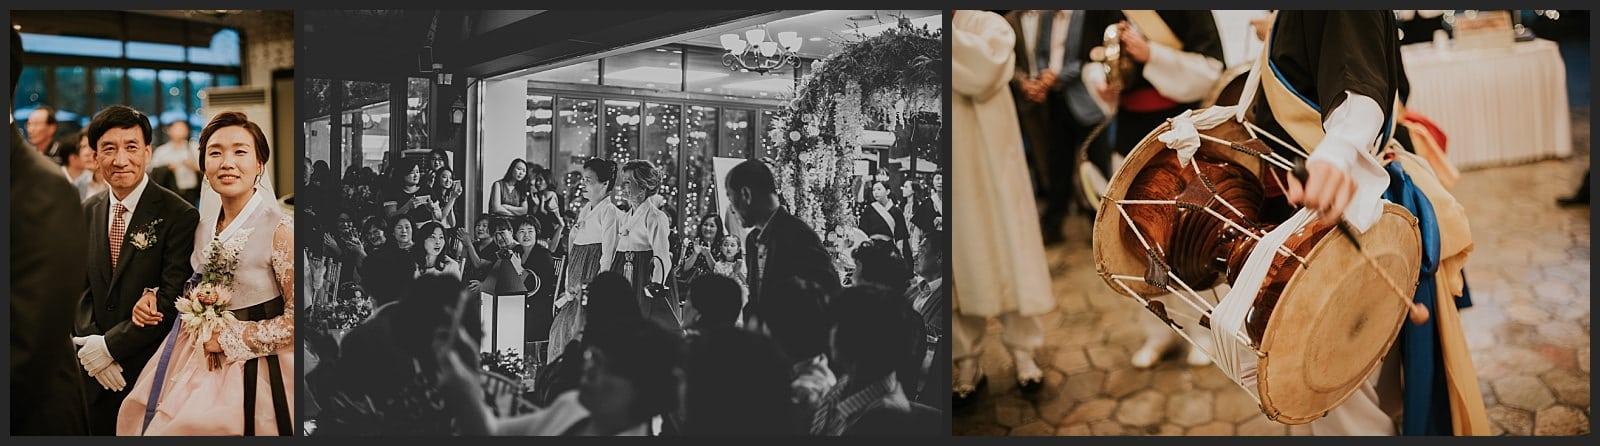 Début de la cérémonie de mariage, groupe de musique avec instrument traditionnel coréen